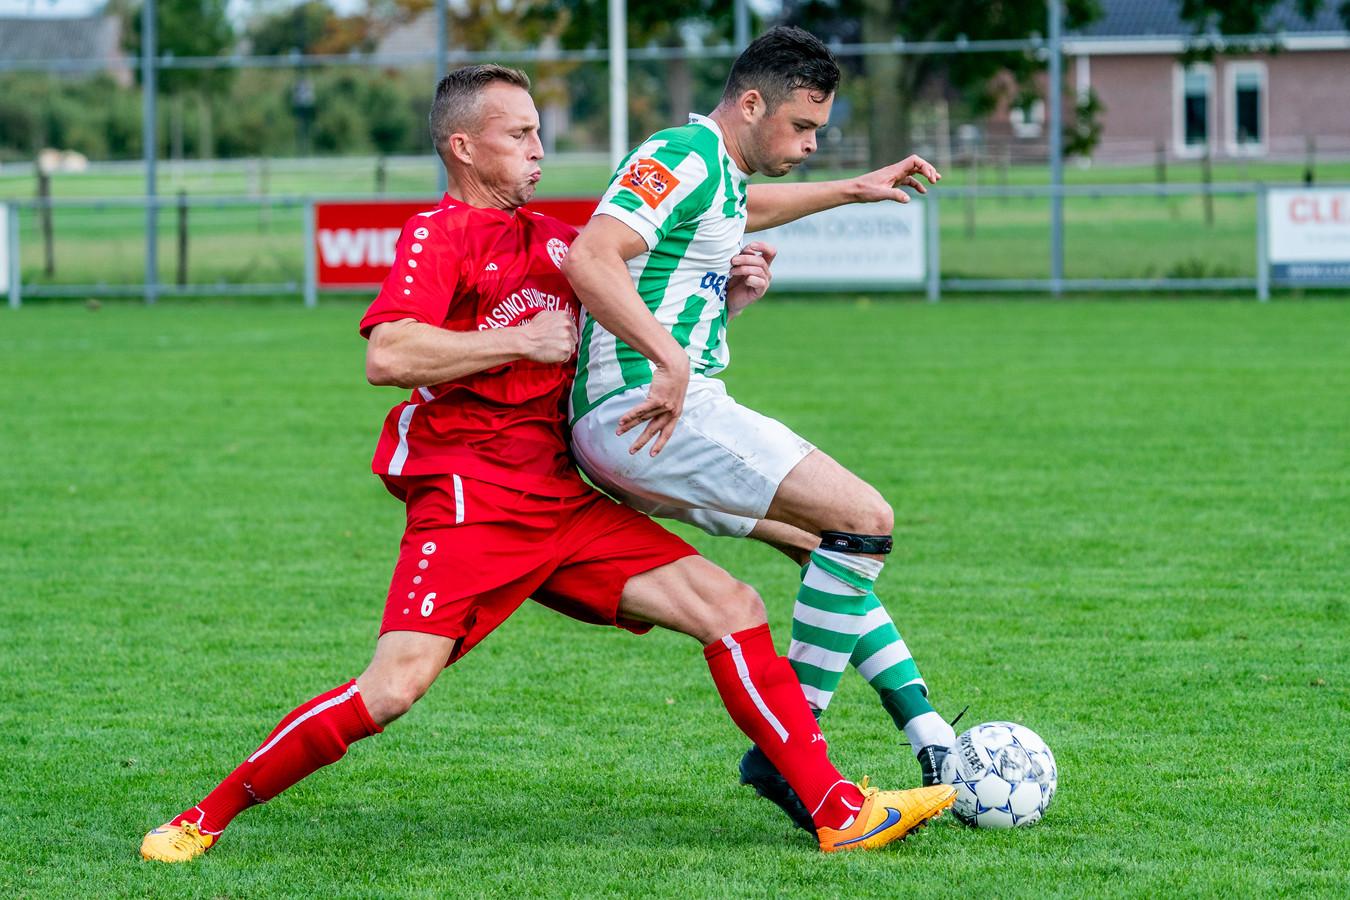 Tim Cornelisse moet aan de bak tegen Spero-aanvaller Koen van de Geer. De 41-jarige oud-Vitessenaar - bij gelegenheid opgeroepen door trainer Roberto Straal - kreeg koploper MASV ook niet aan de praat bij hekkensluiter Spero.